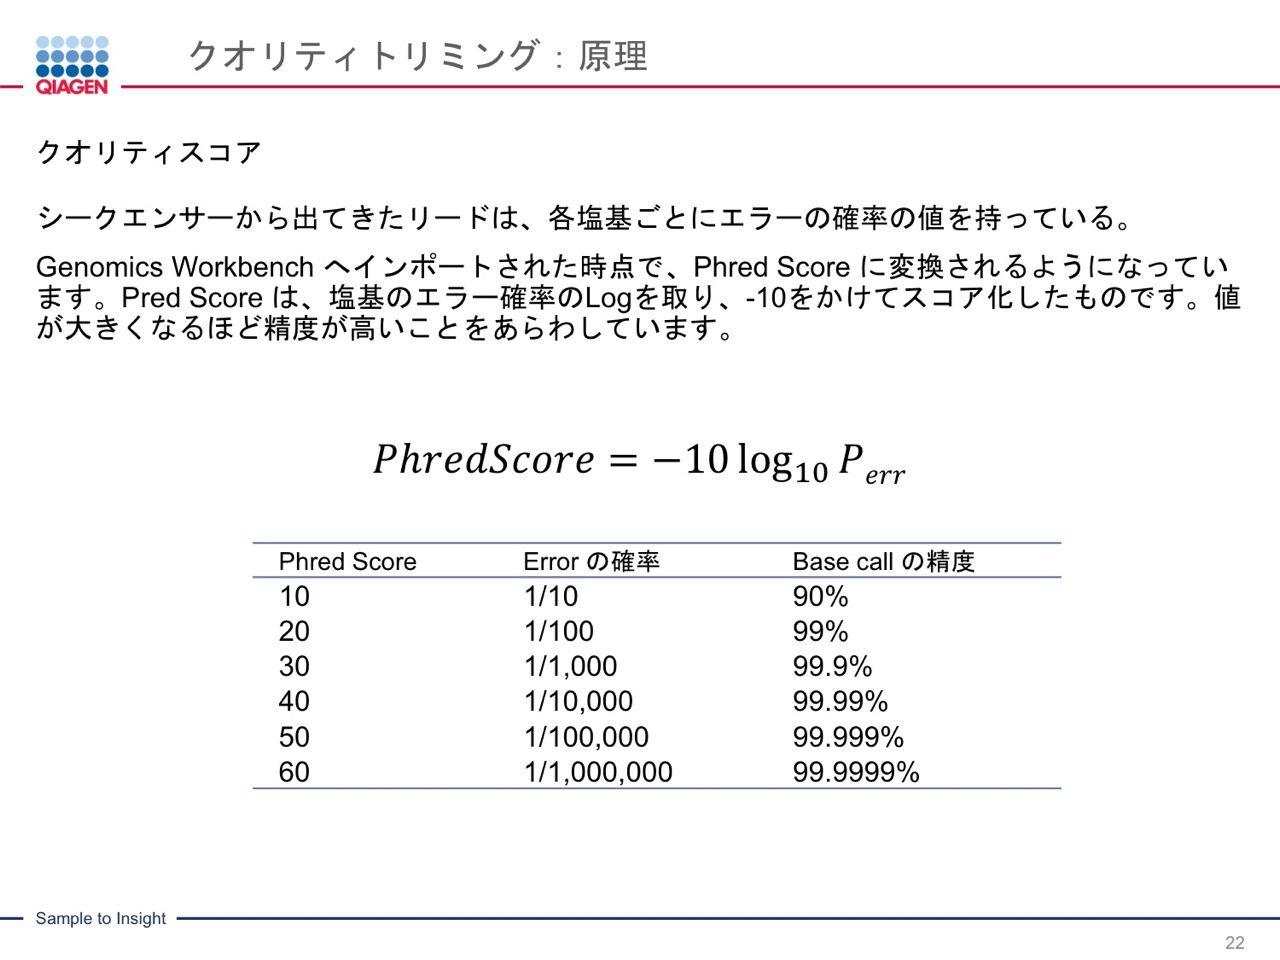 images/AJACSa2_miyamoto_022.jpg